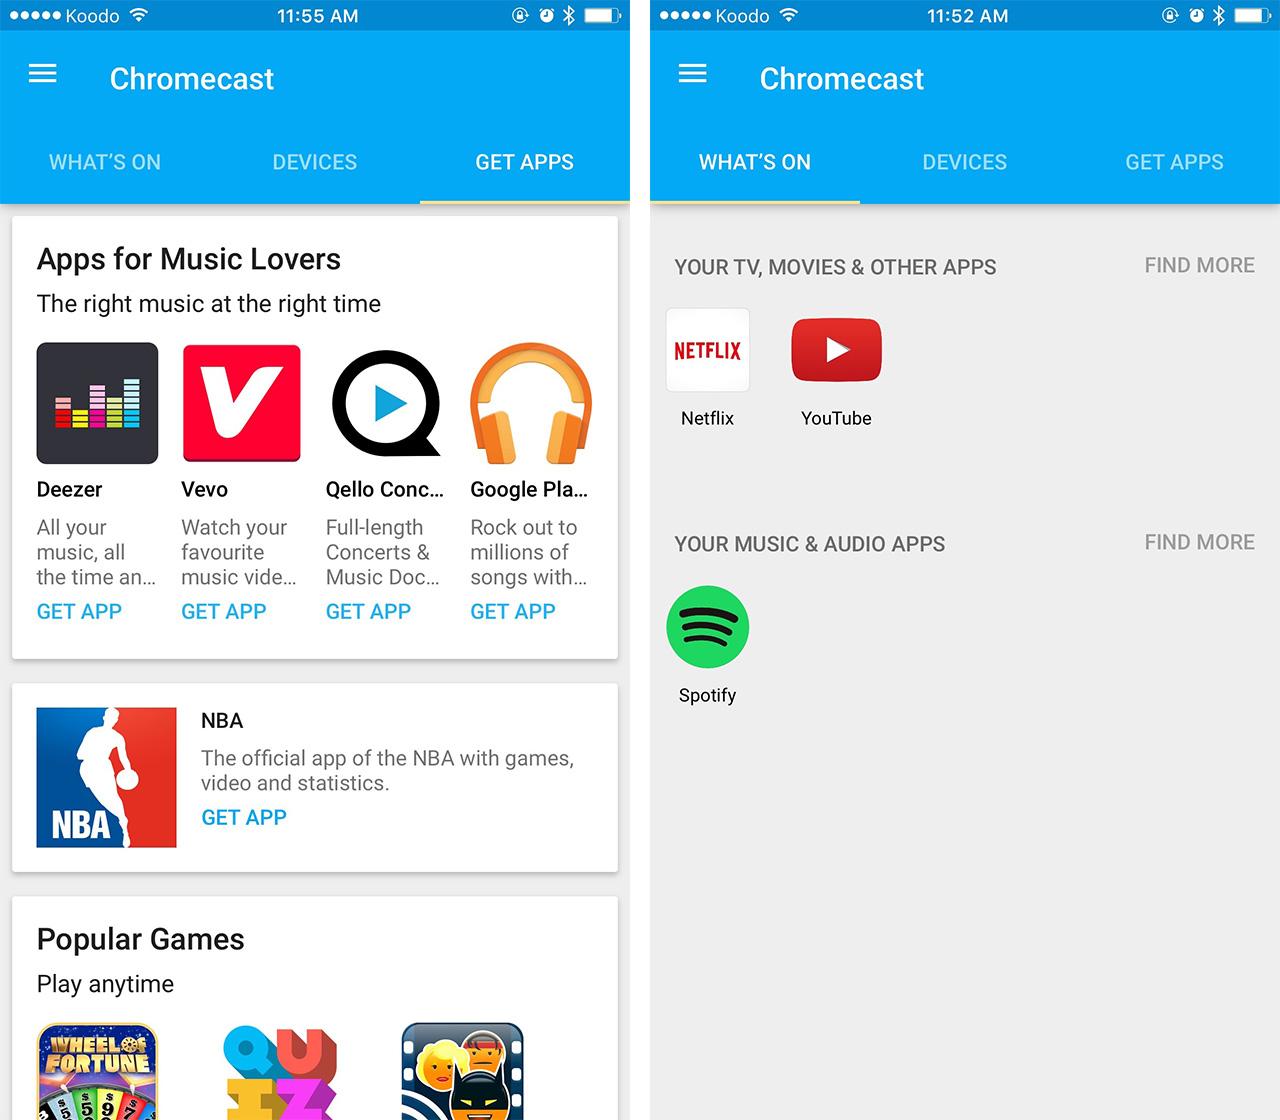 chromecast app for iphone photos